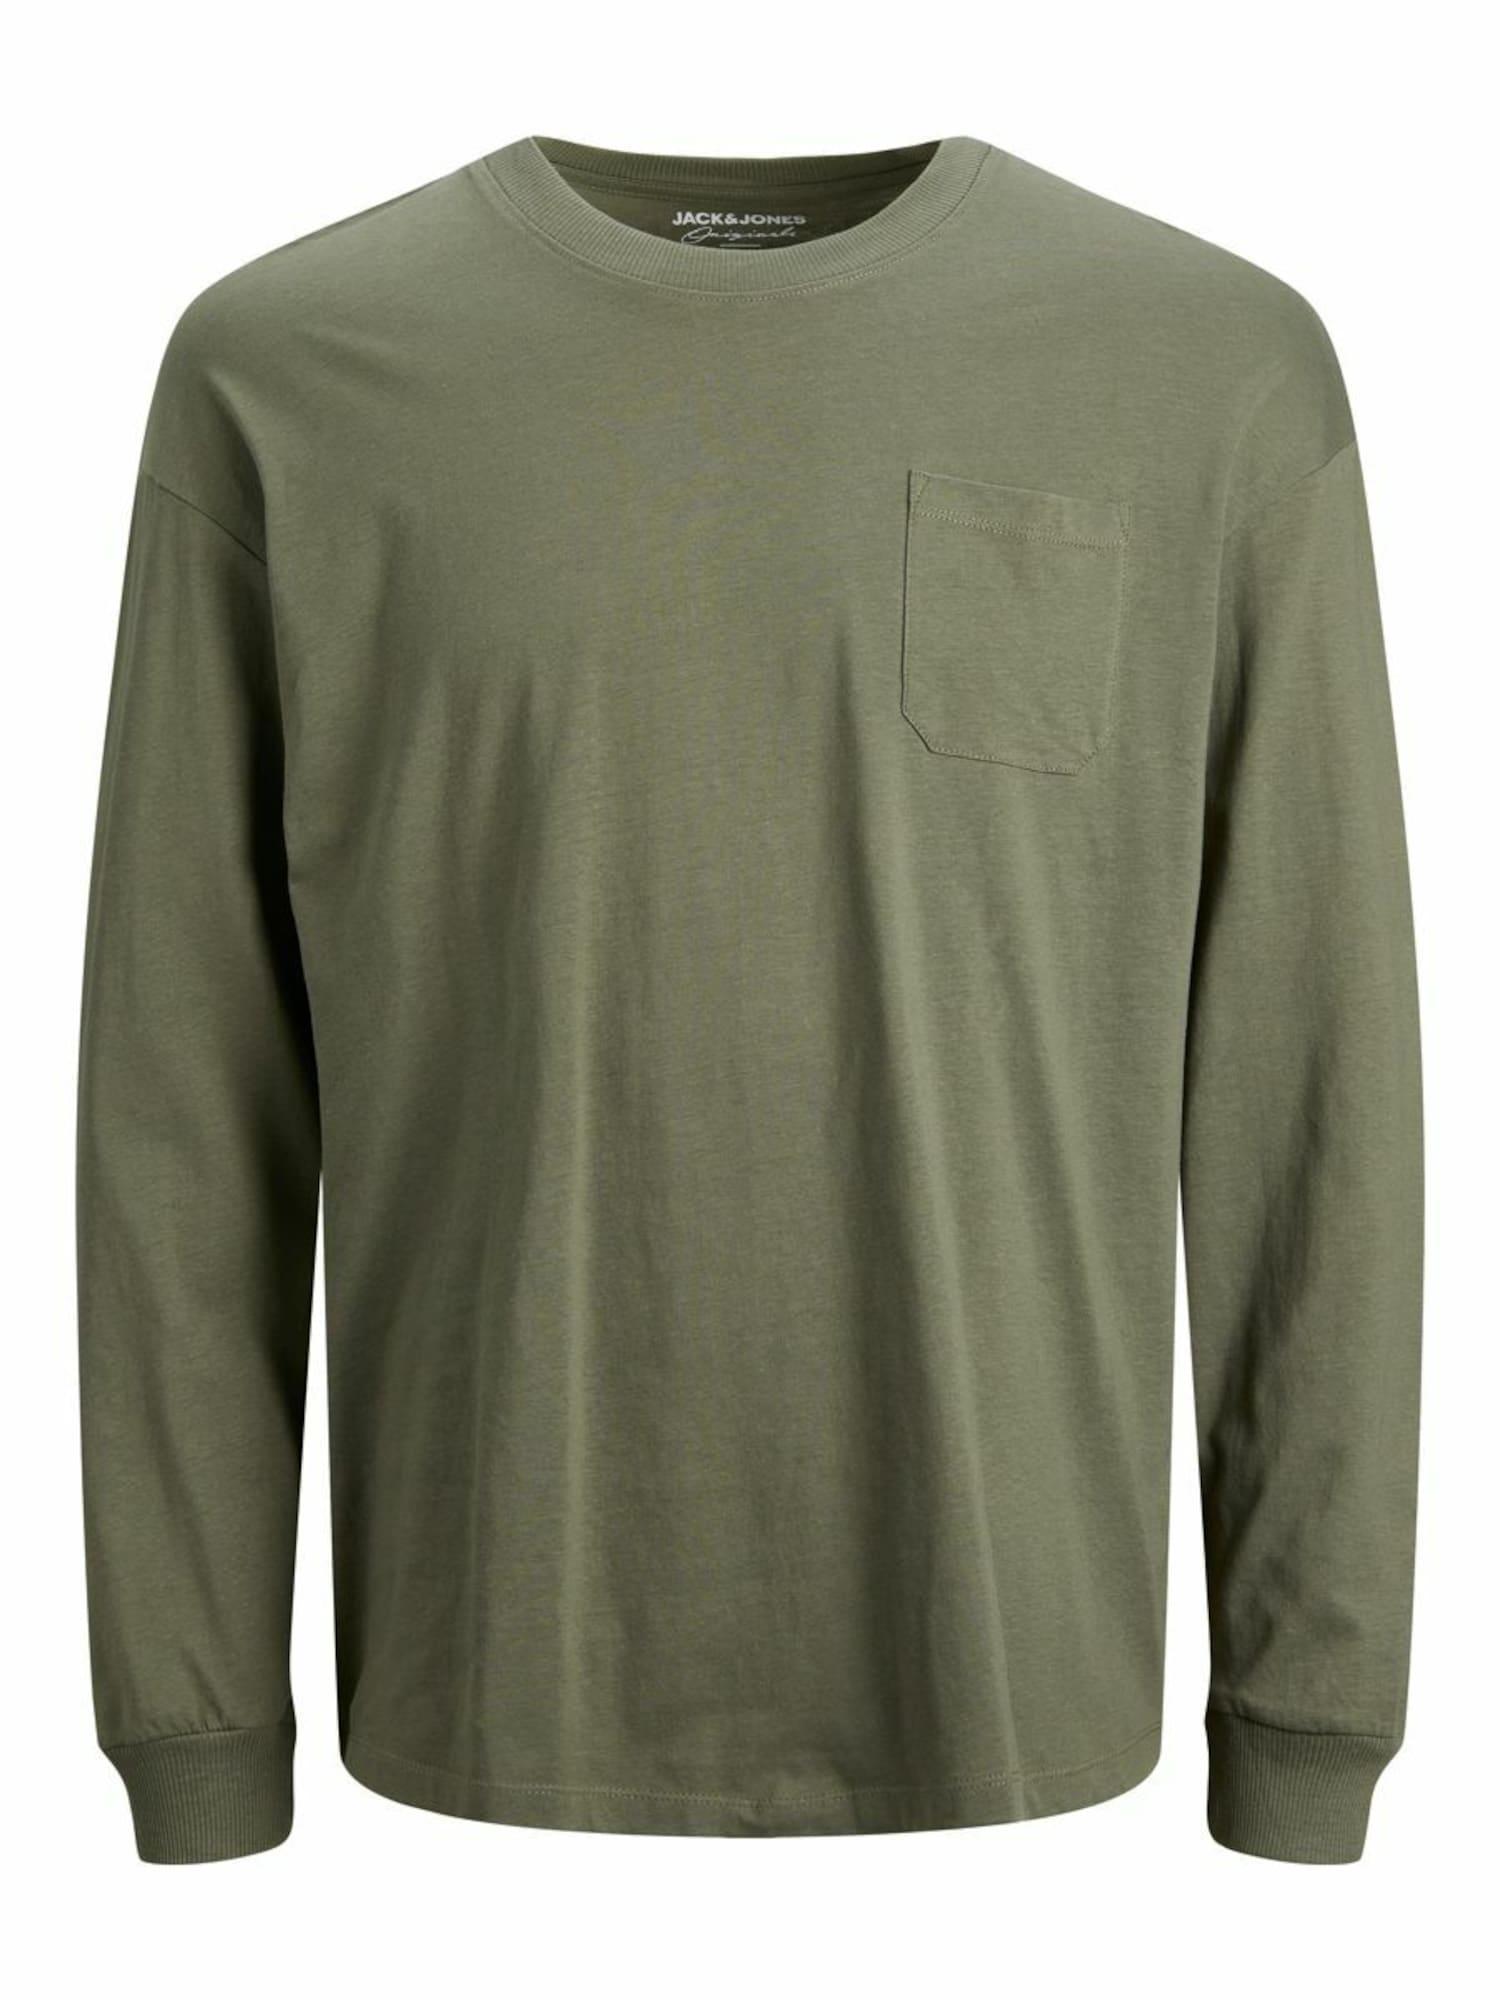 JACK & JONES Marškinėliai rusvai žalia